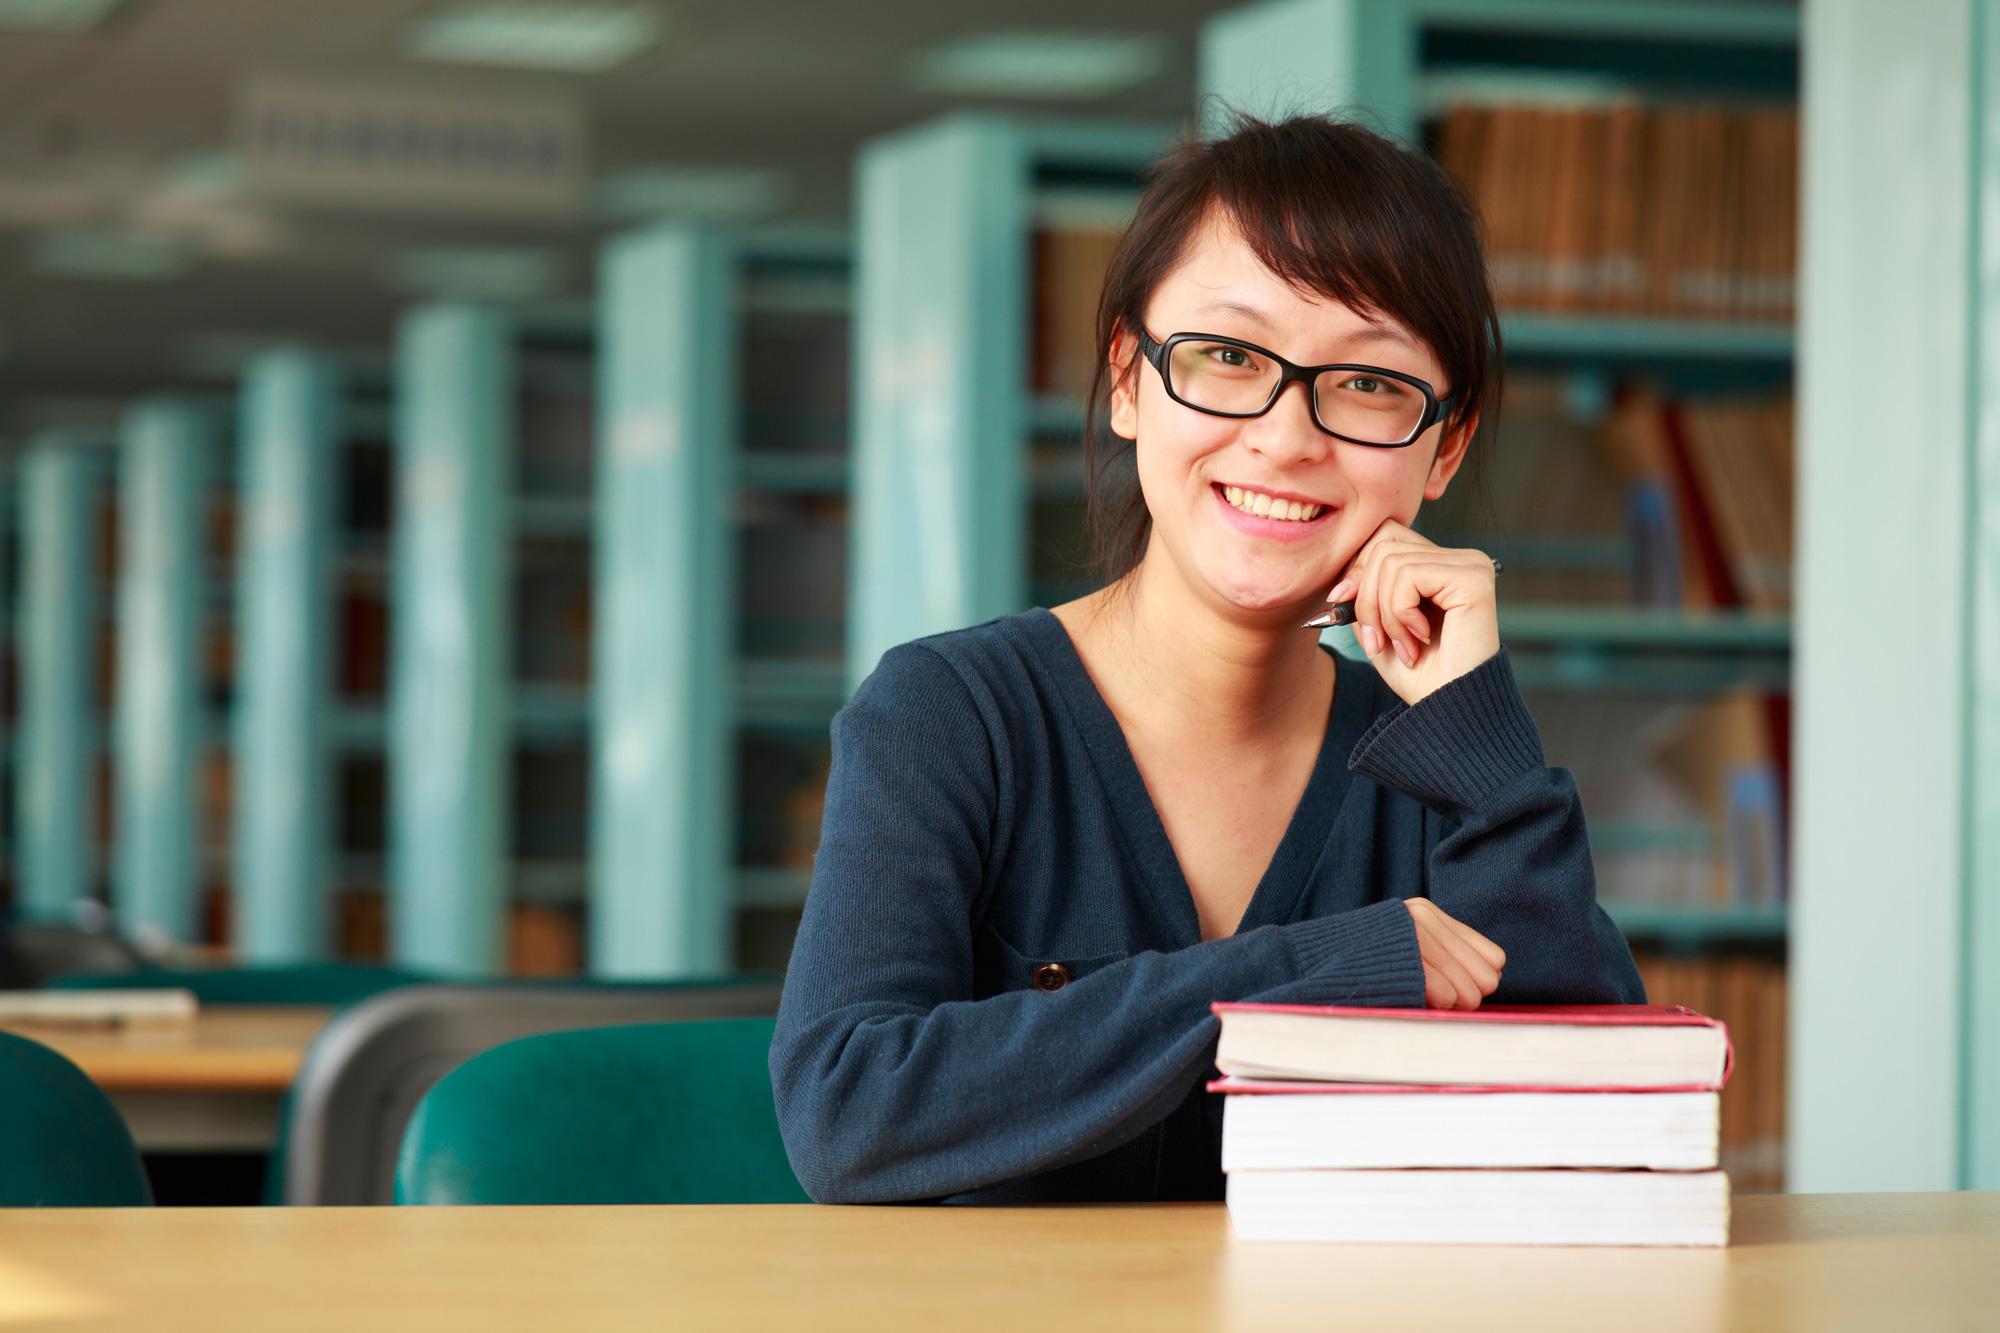 study abroad bournemouth university